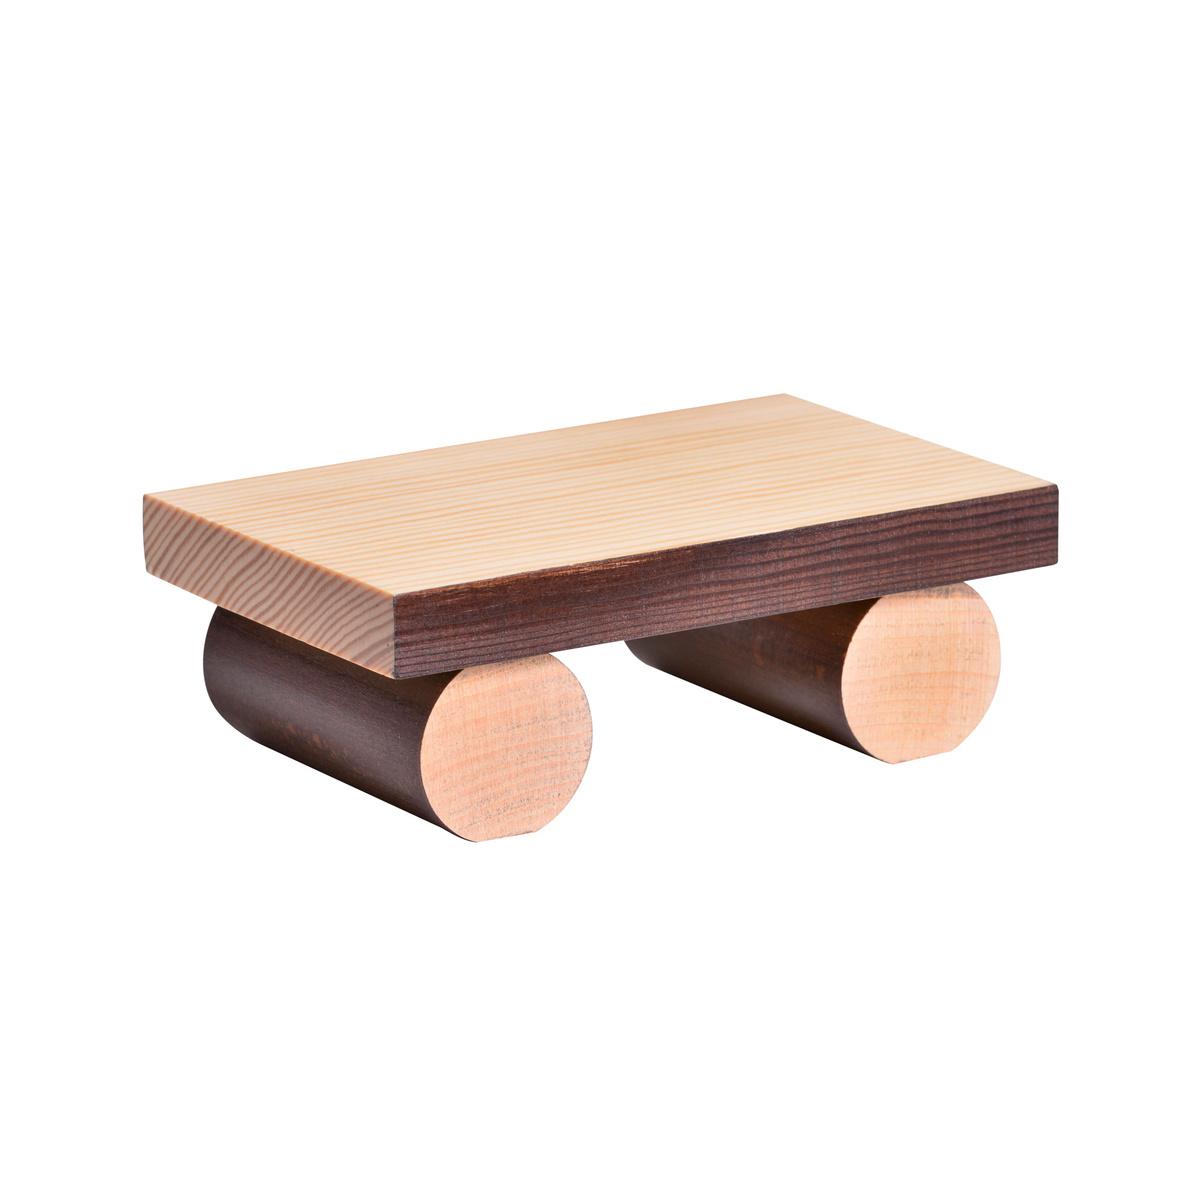 bank f r kantenhocker gro von kwo f r 13 8 kaufen. Black Bedroom Furniture Sets. Home Design Ideas